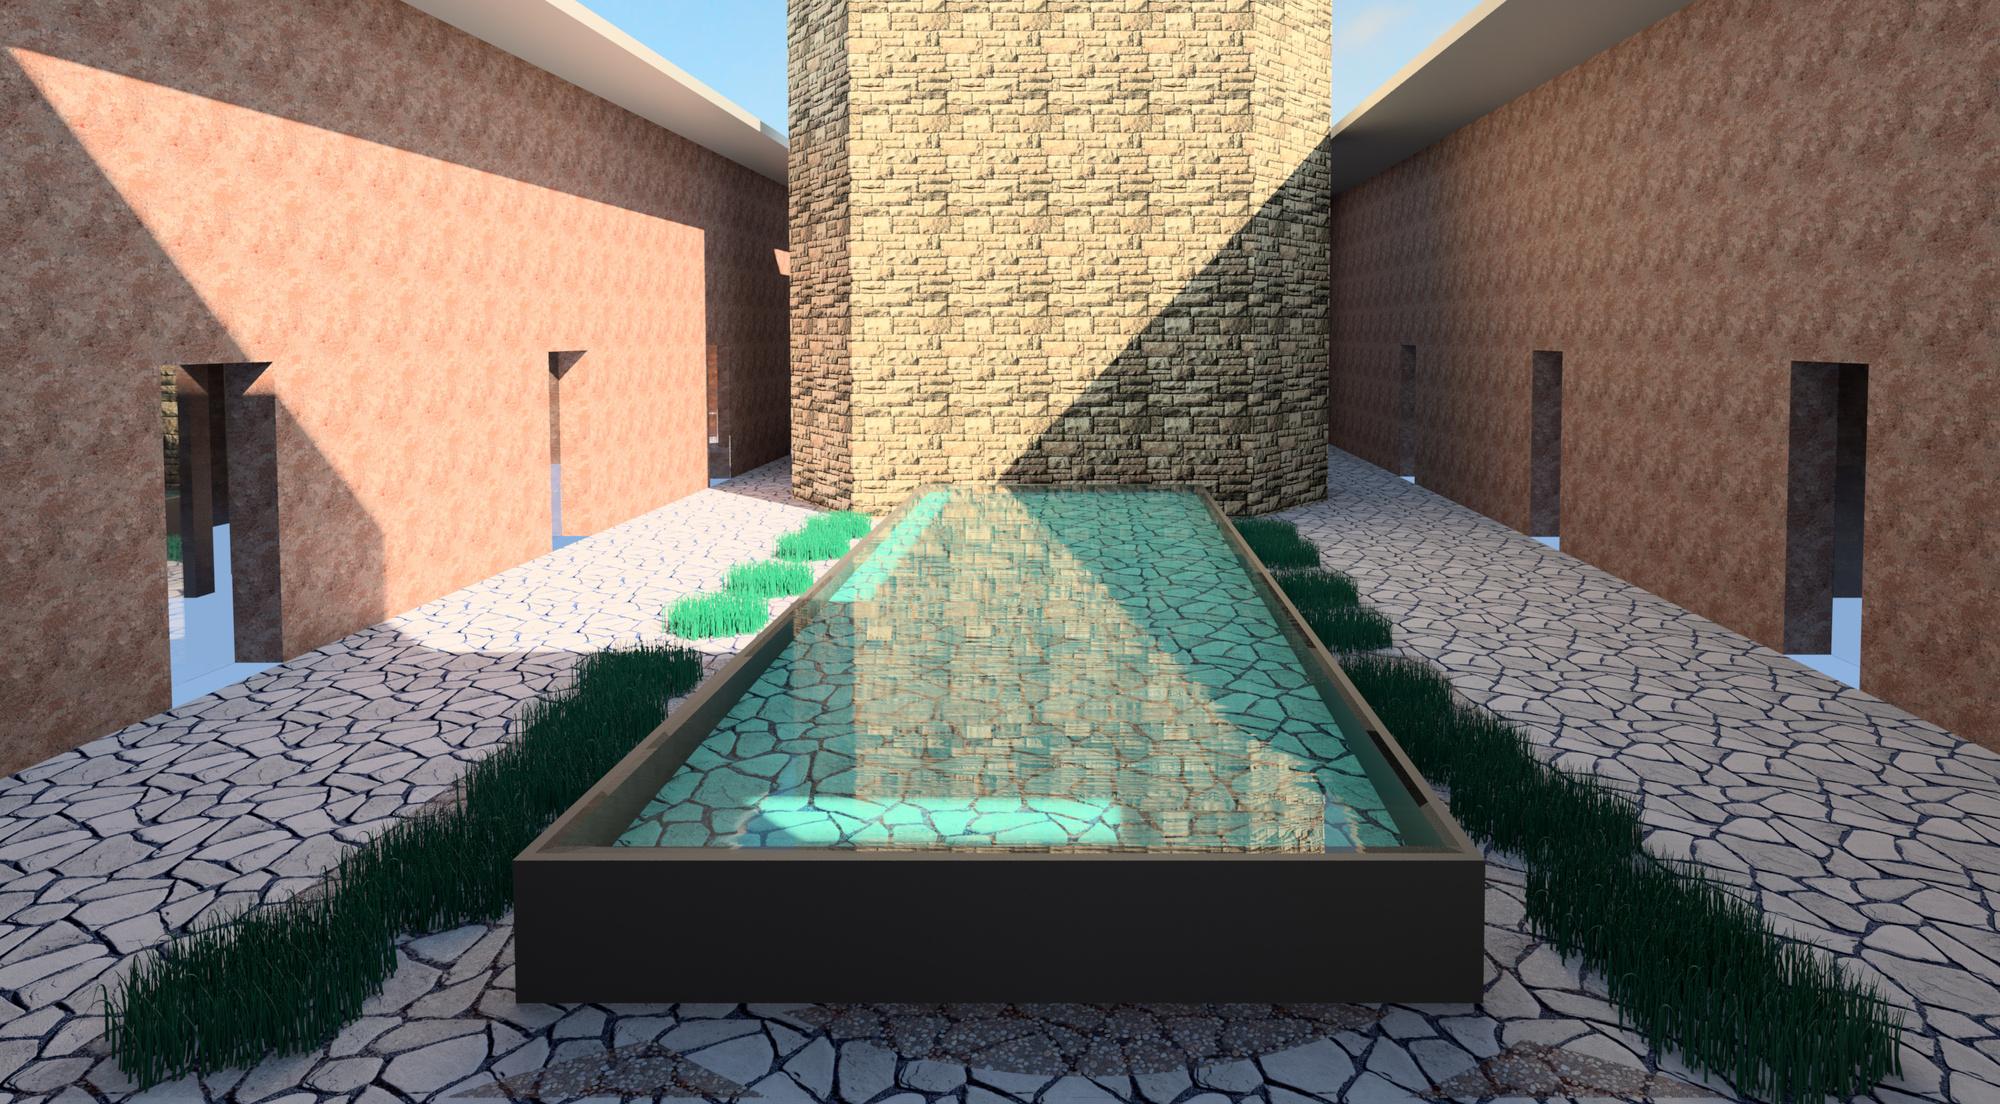 Raas-rendering20150209-29743-76567r